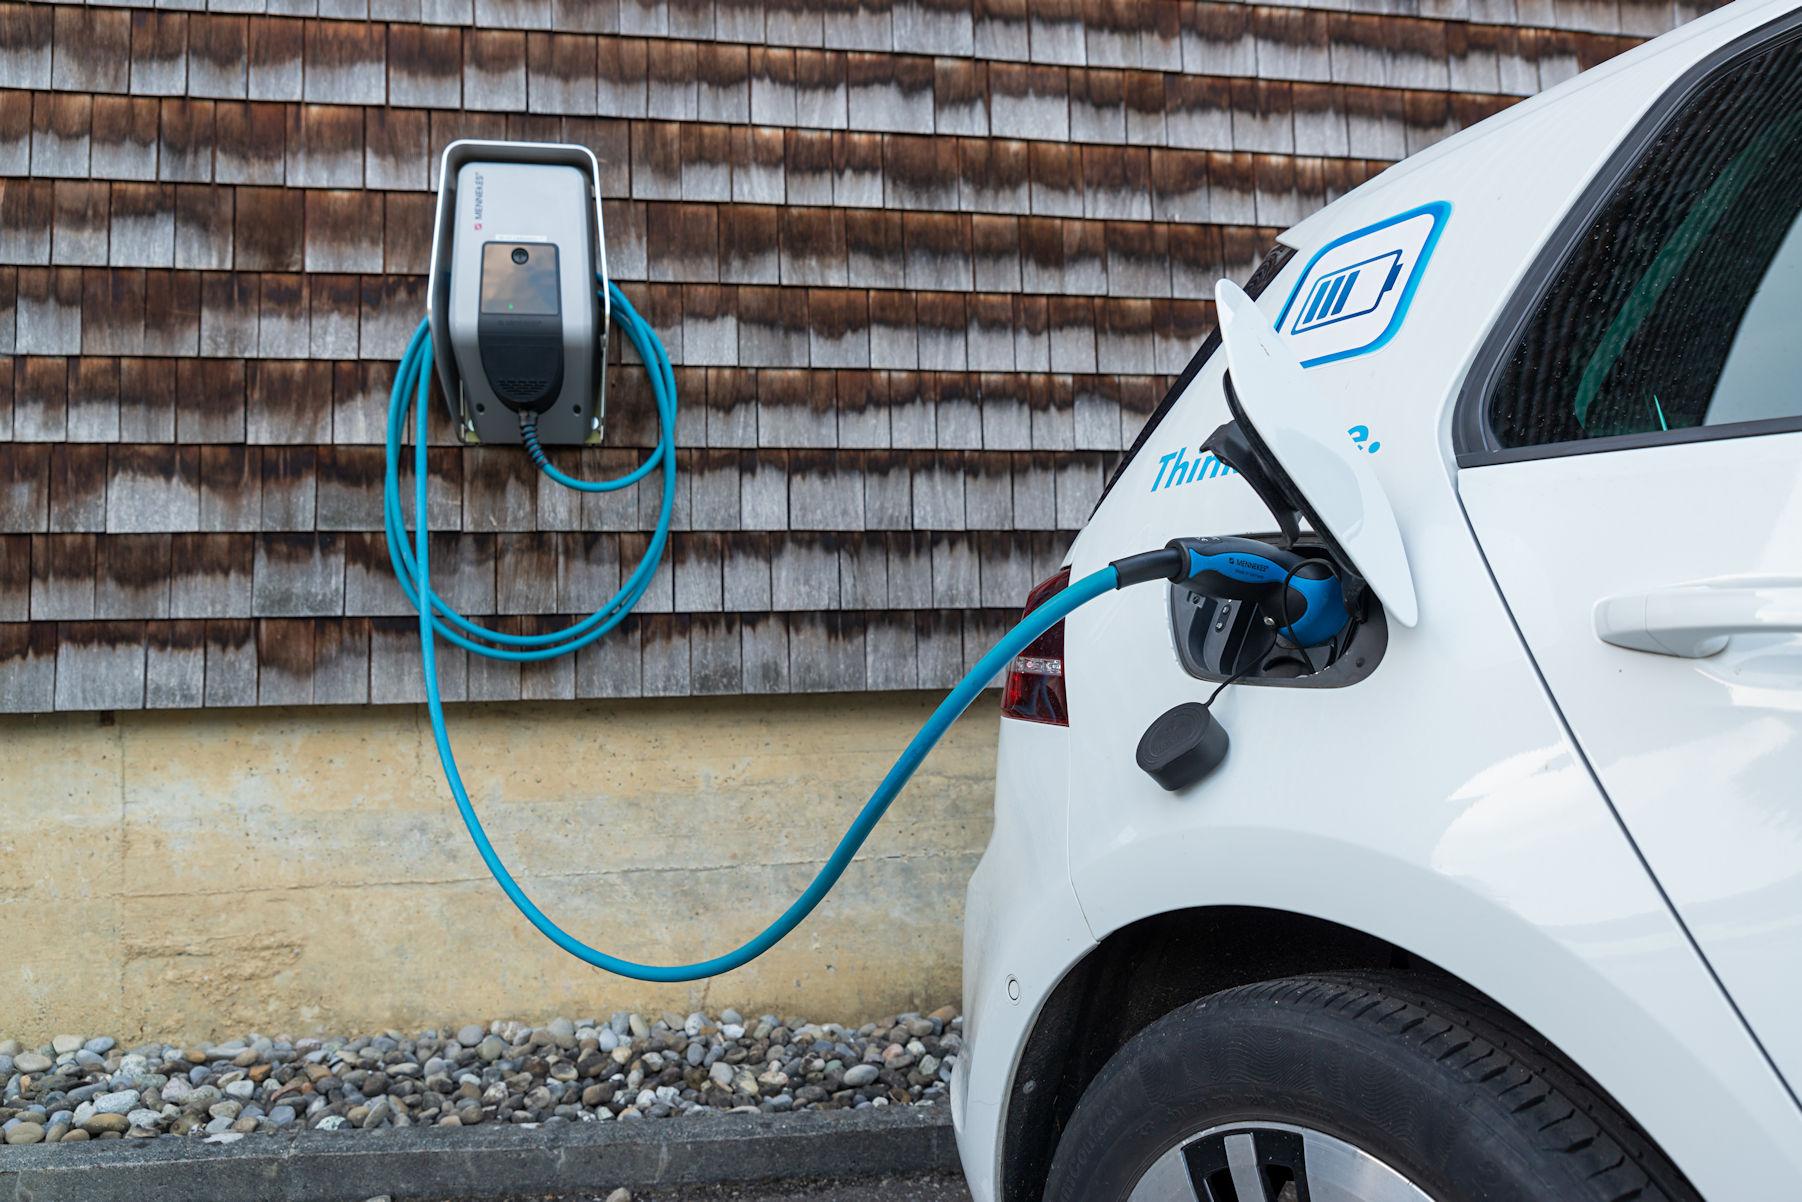 Elektro-Auto an Ladestation bei Trisa Accessoires, aus der Flotte der Betriebsfahrzeuge für den Aussendienst, vor Holzfassade